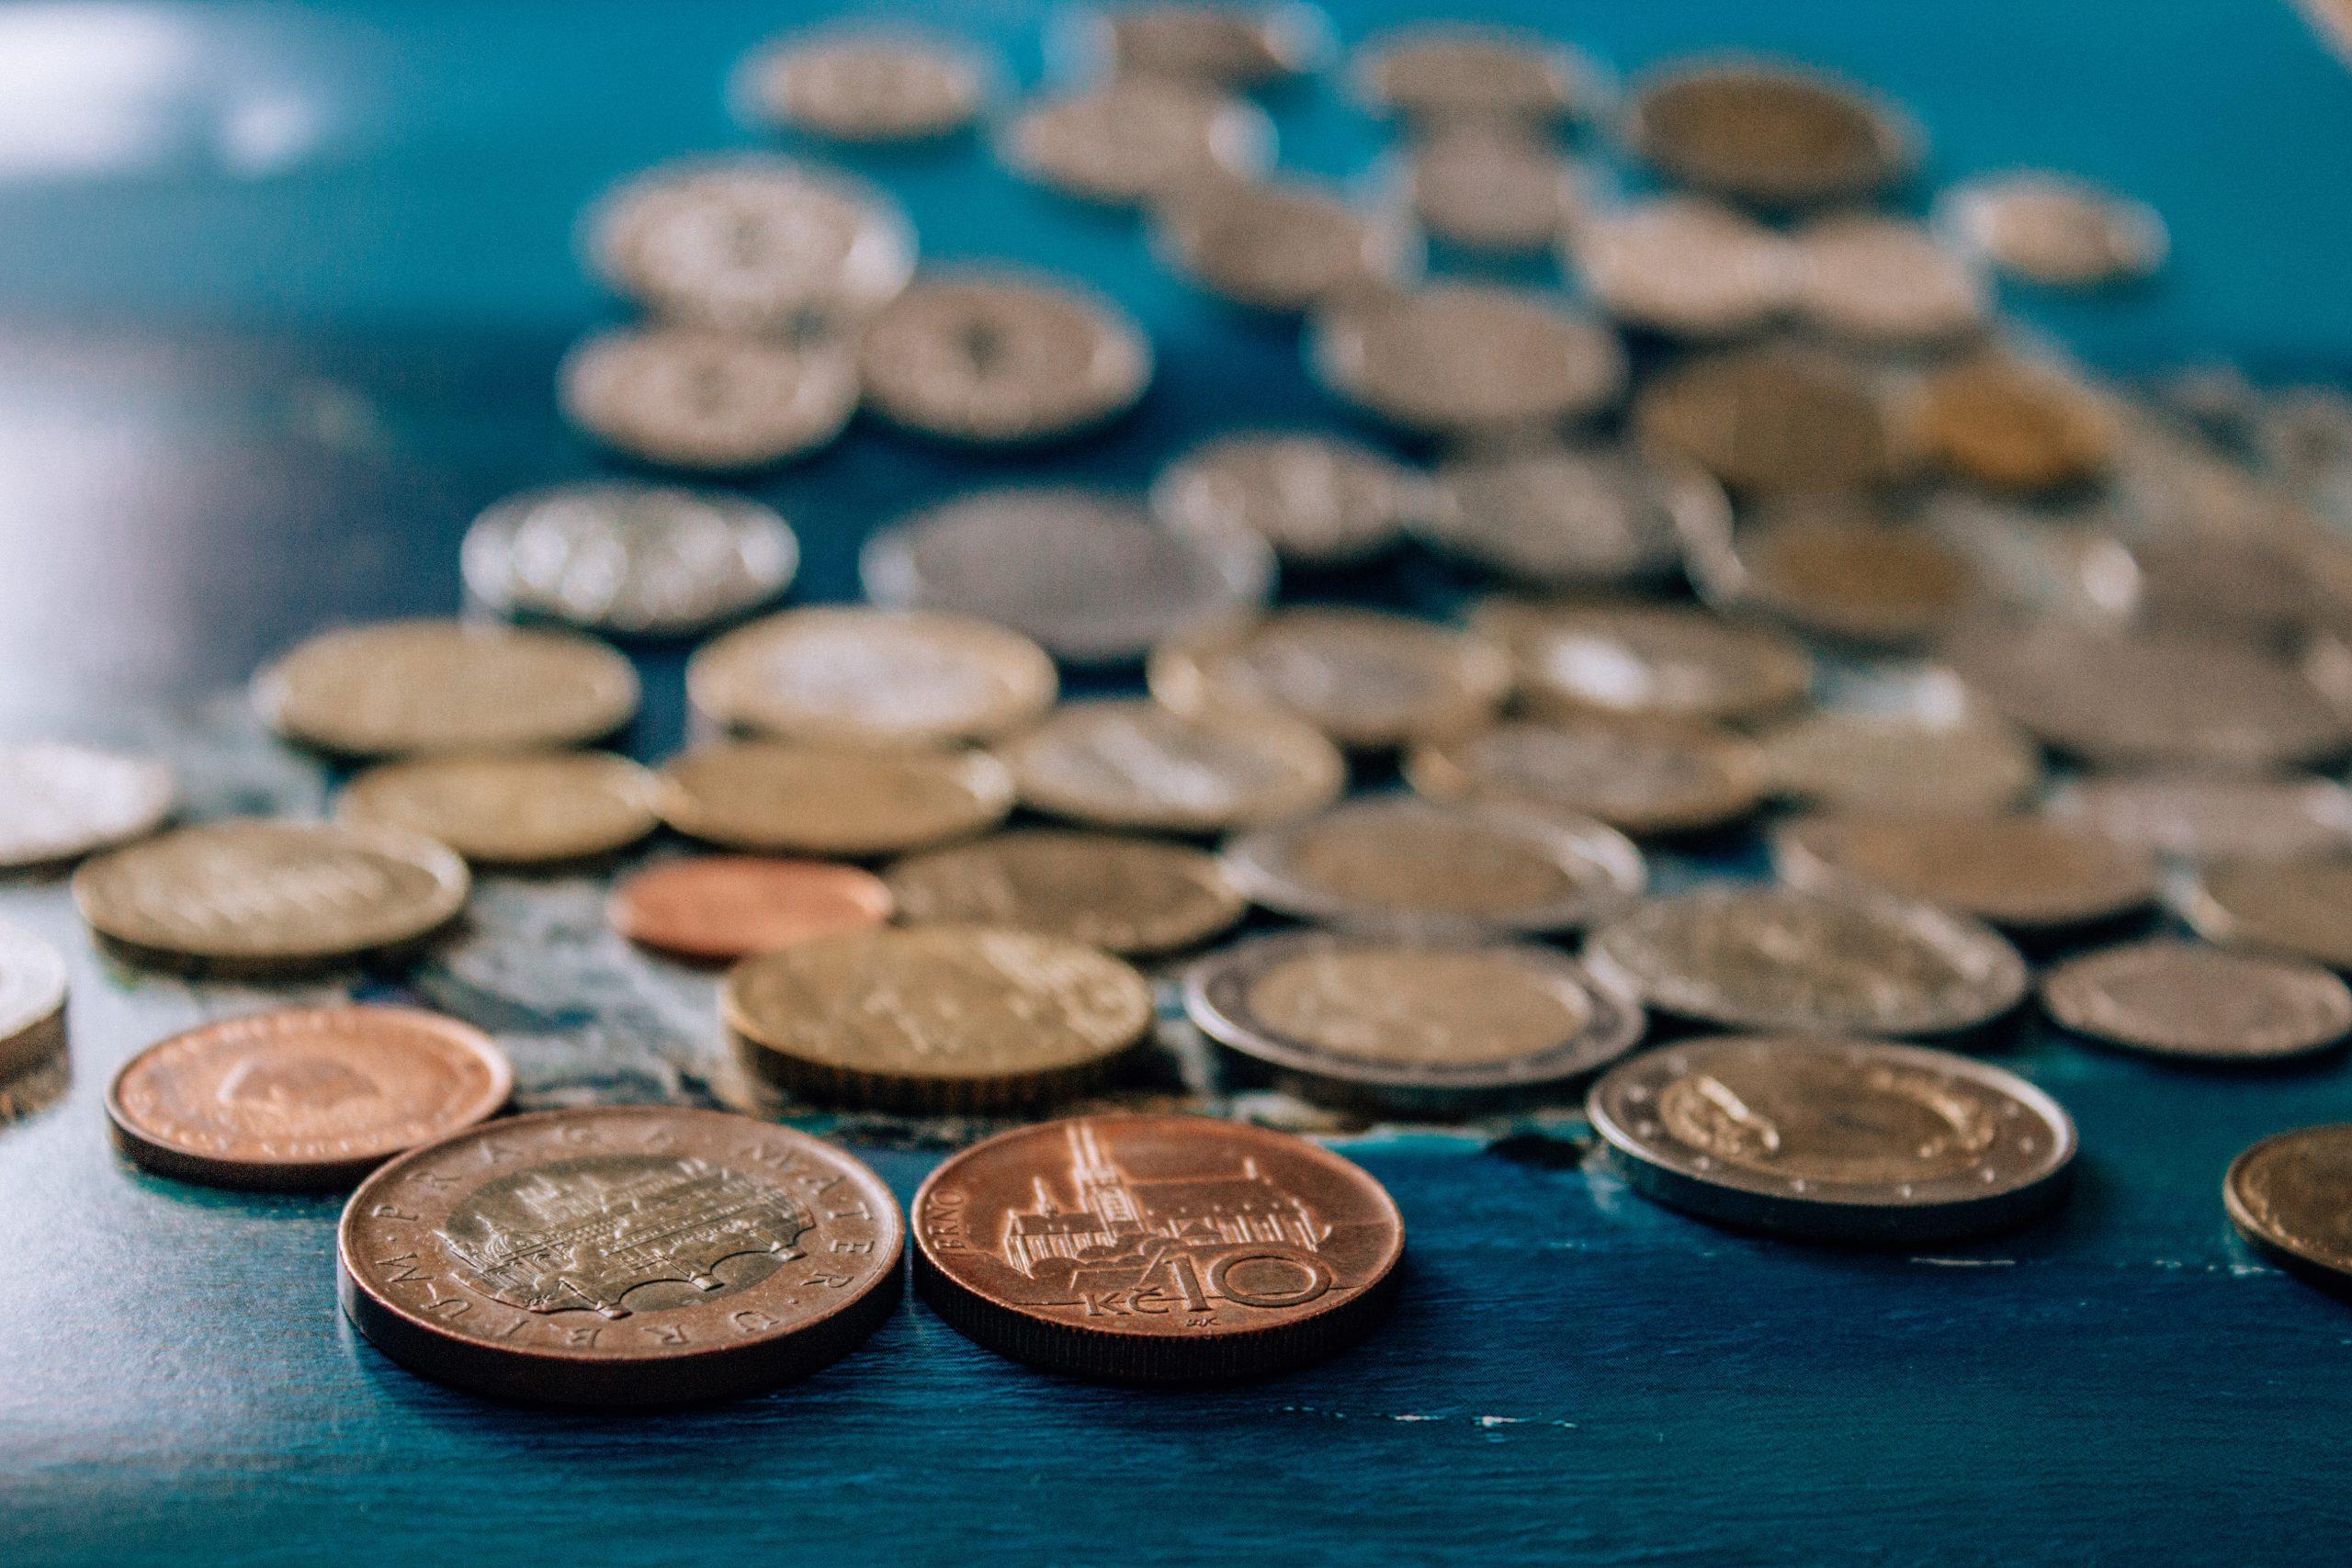 Finanzielle Probleme - Kanzlei Dawood